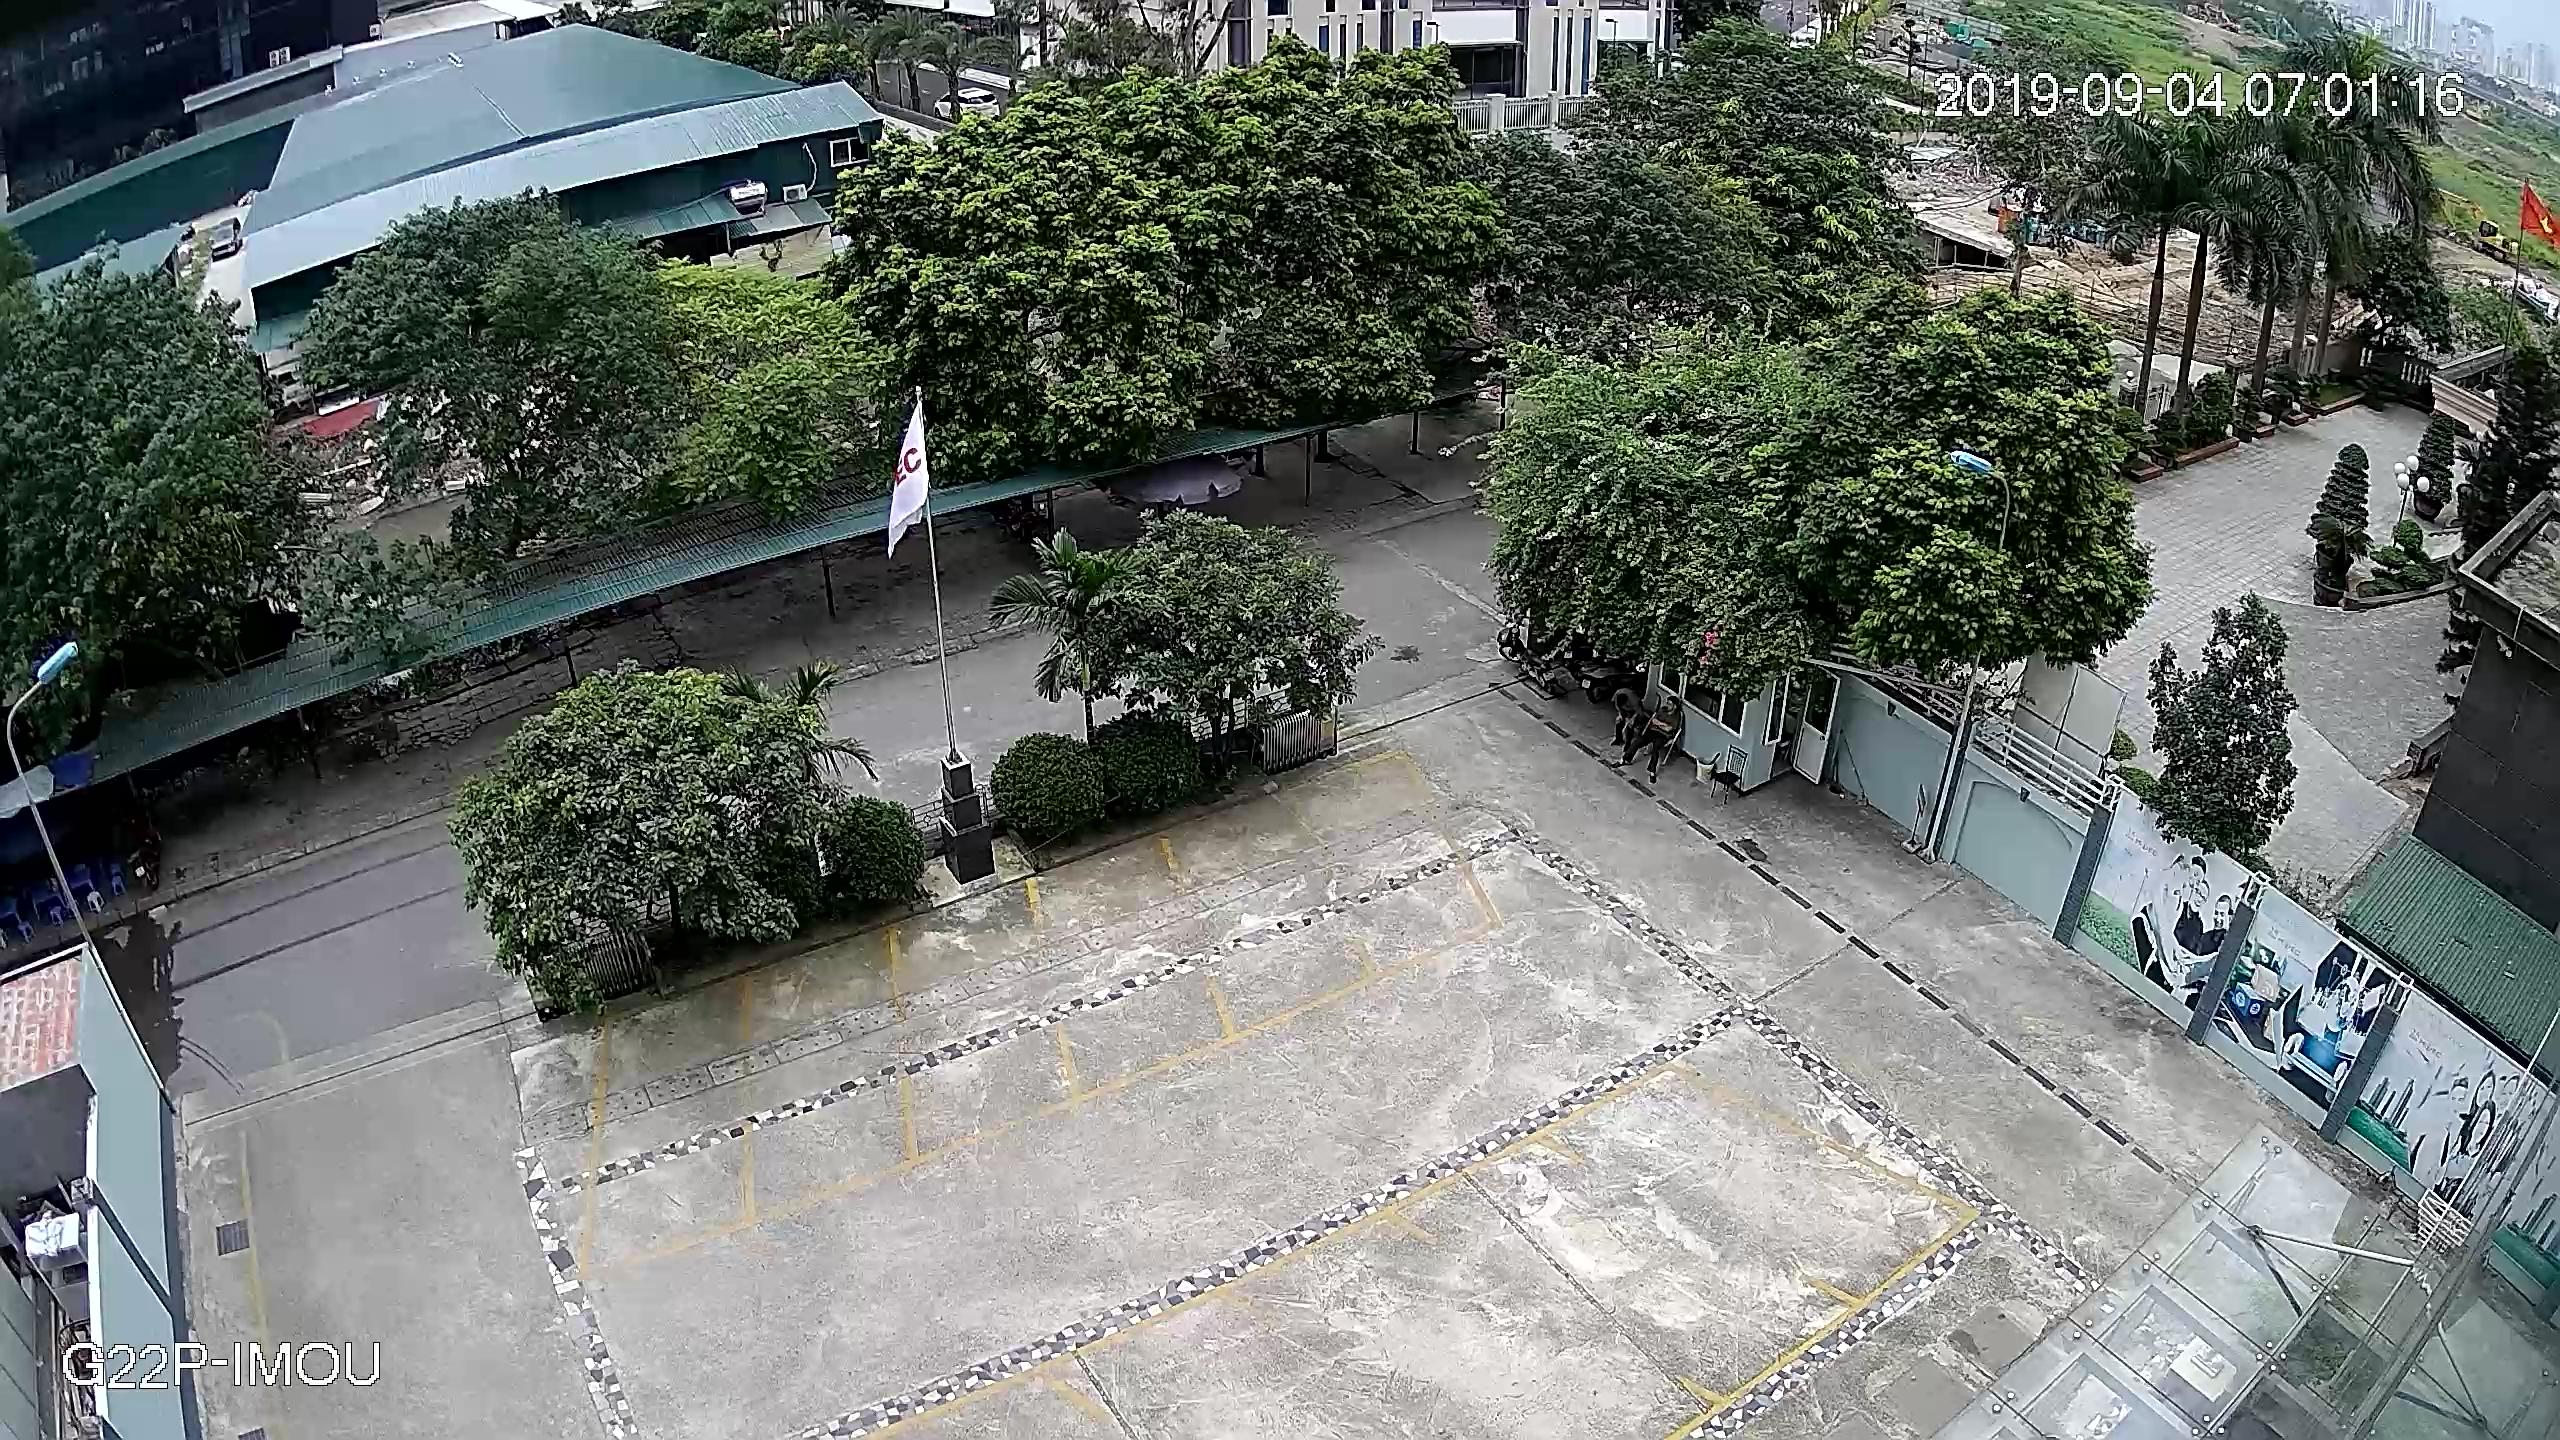 hình ảnh ban ngày camera wifi IMOU G22P